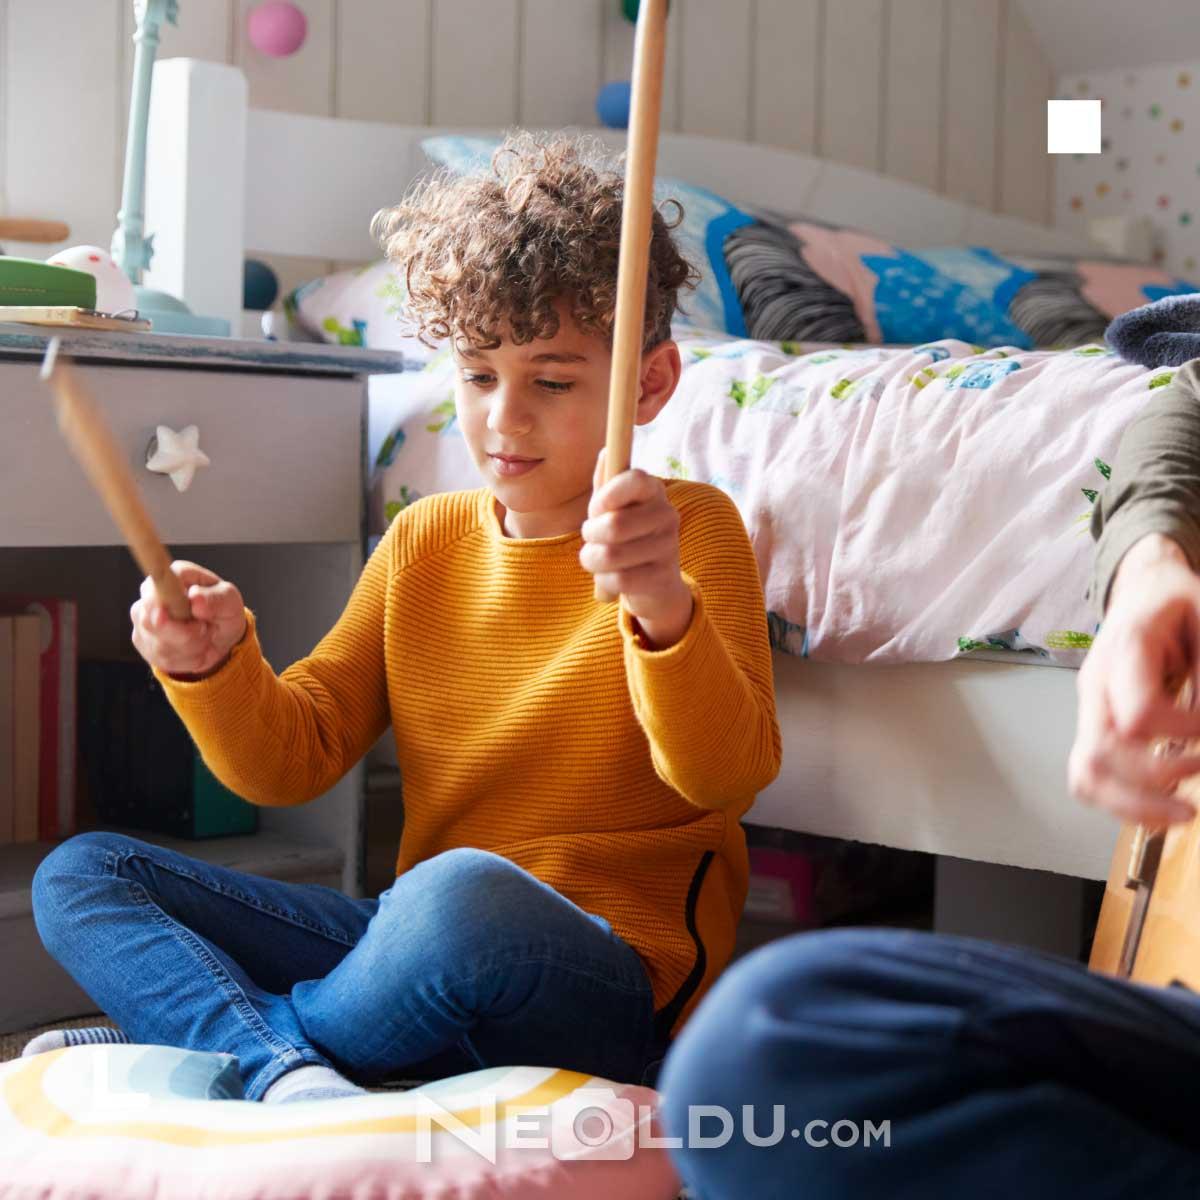 Çocuklar için En İyi Online Kurs Eğitimleri